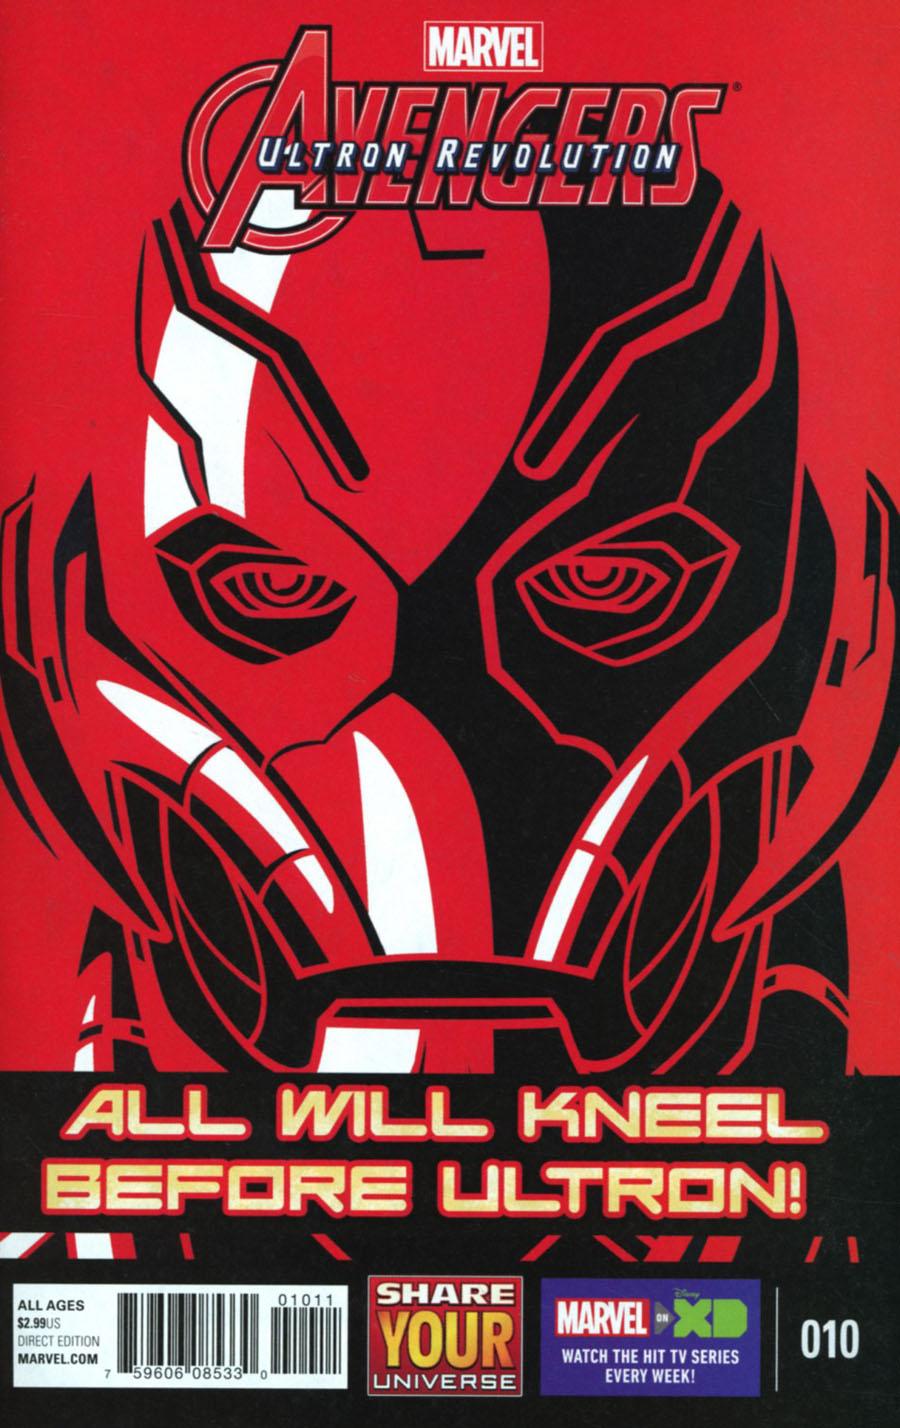 Marvel Universe Avengers Ultron Revolution #10